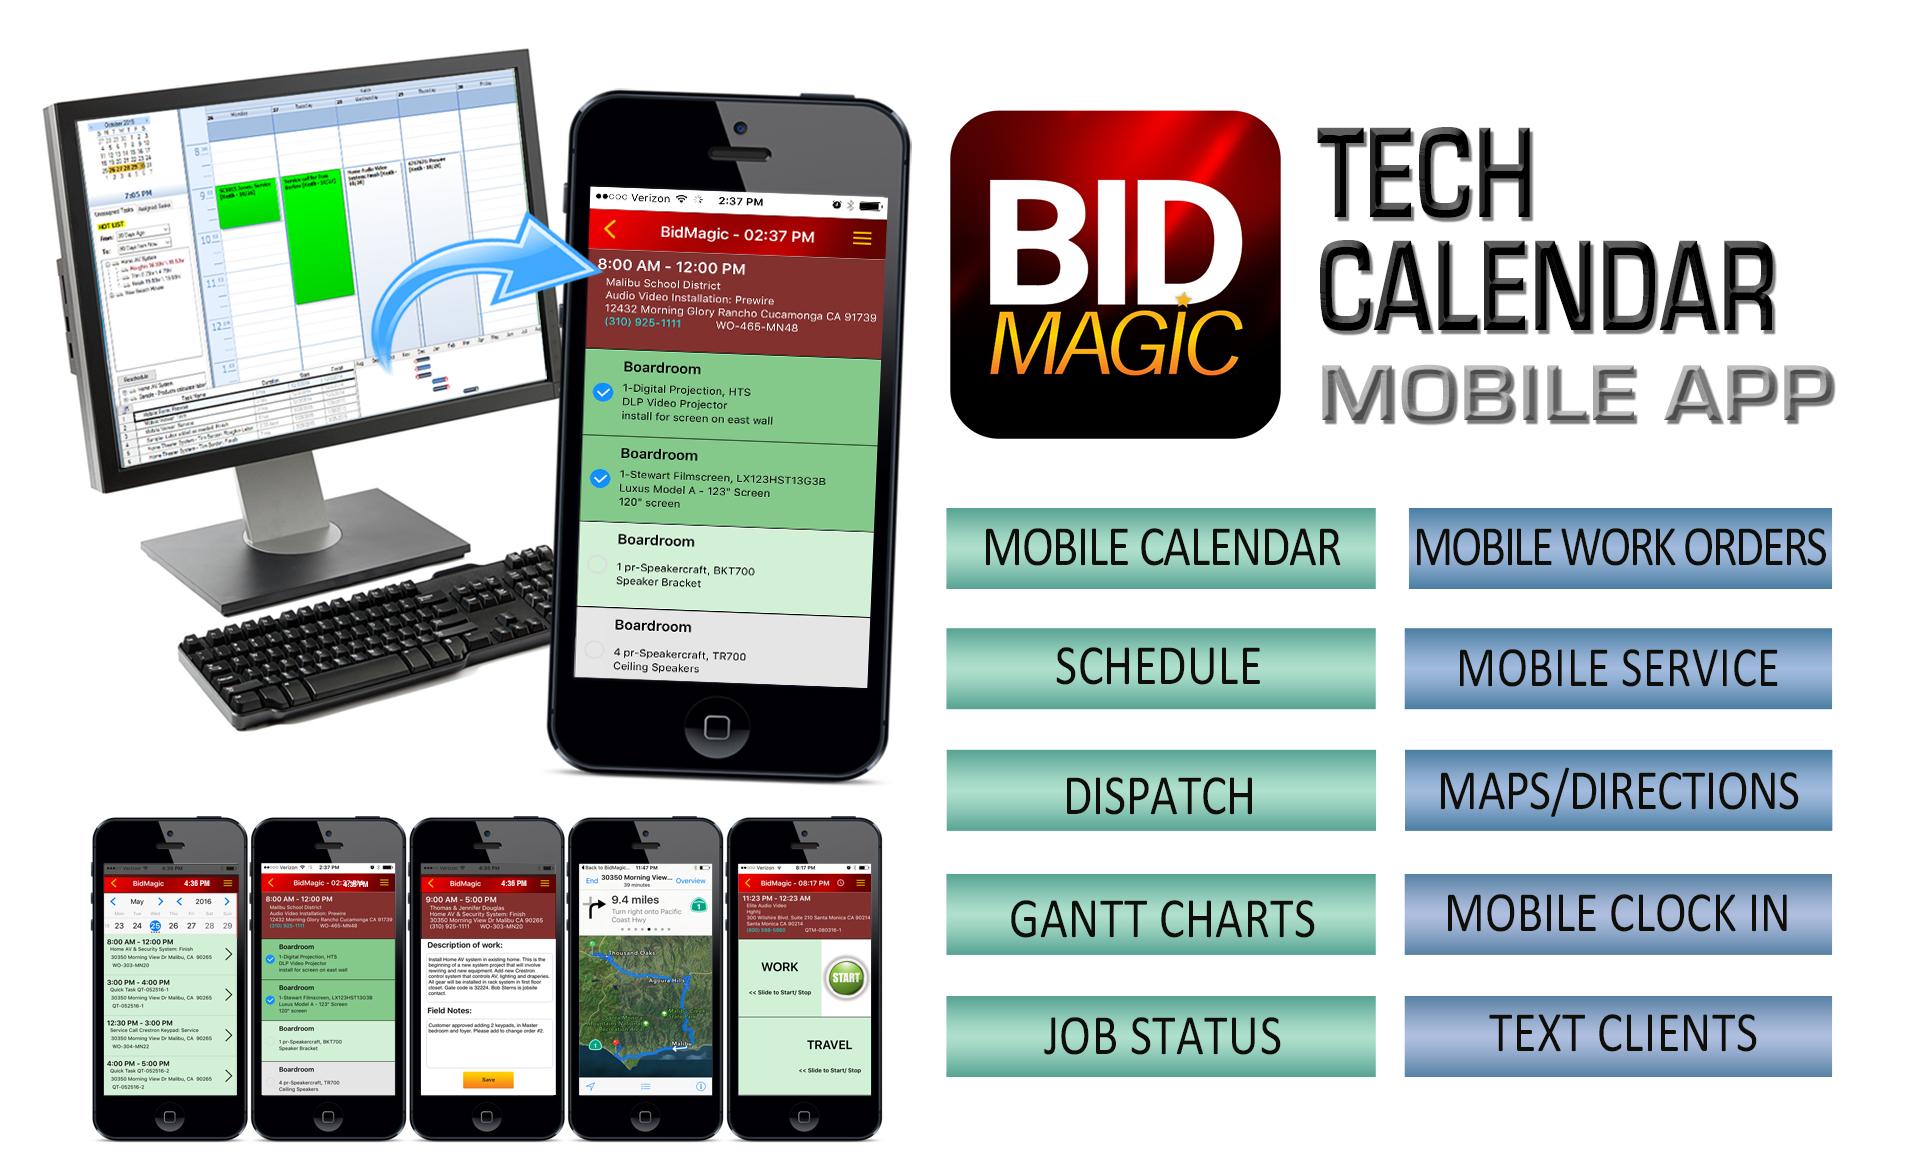 Calendarandiphoneappwide6 Tech Calendar